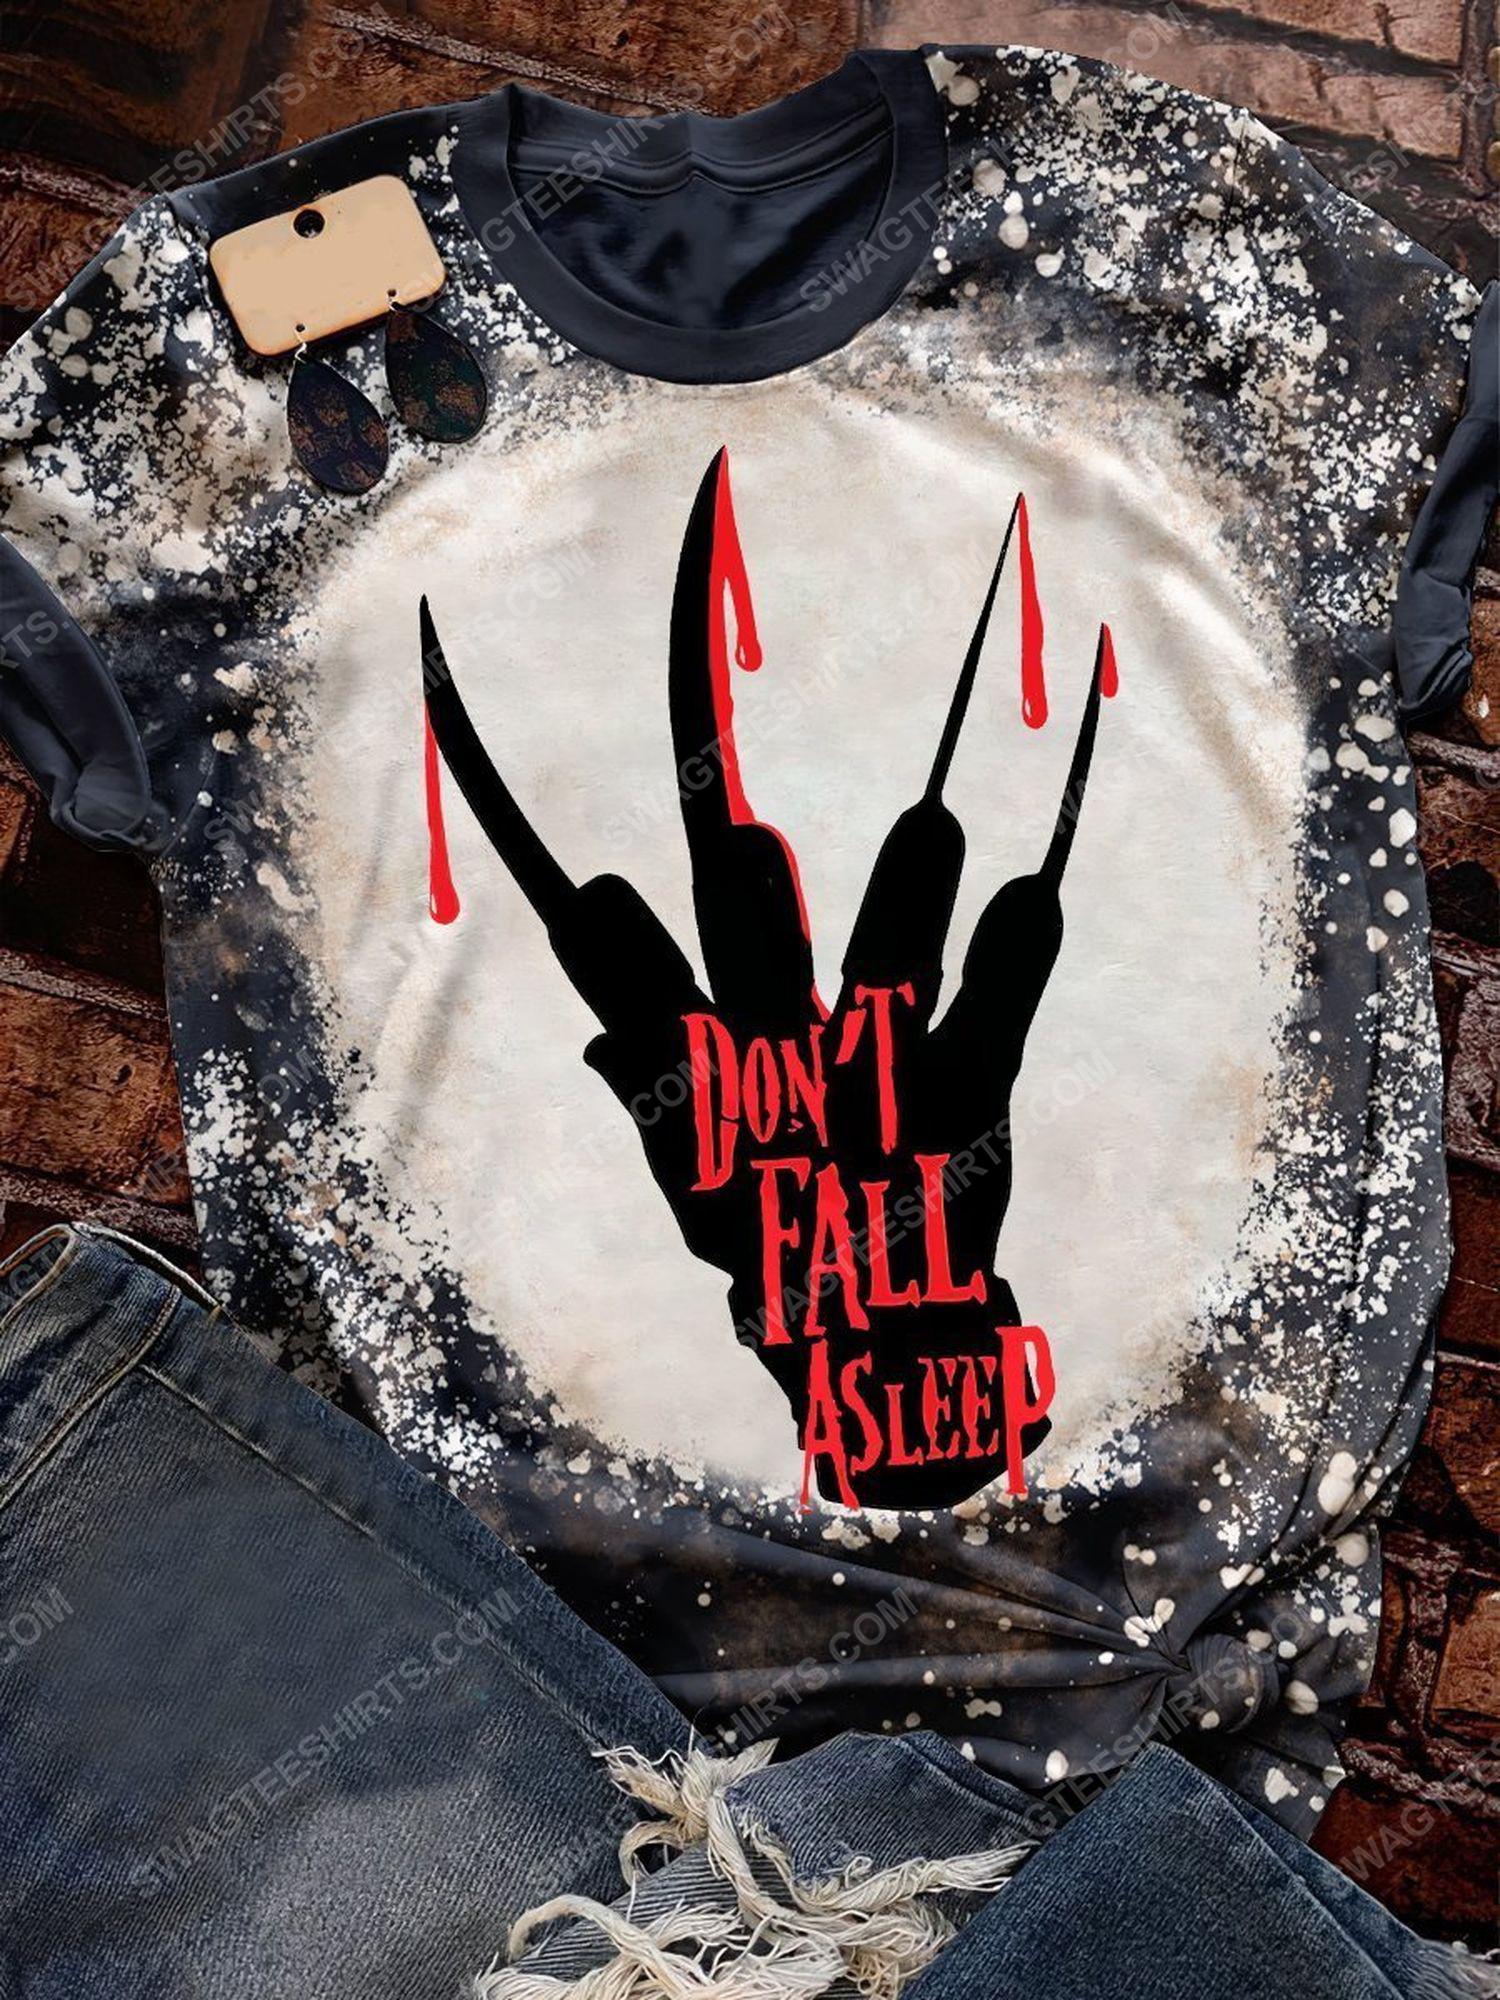 Halloween freddy krueger don't fall asleep bleached shirt 1 - Copy (2)